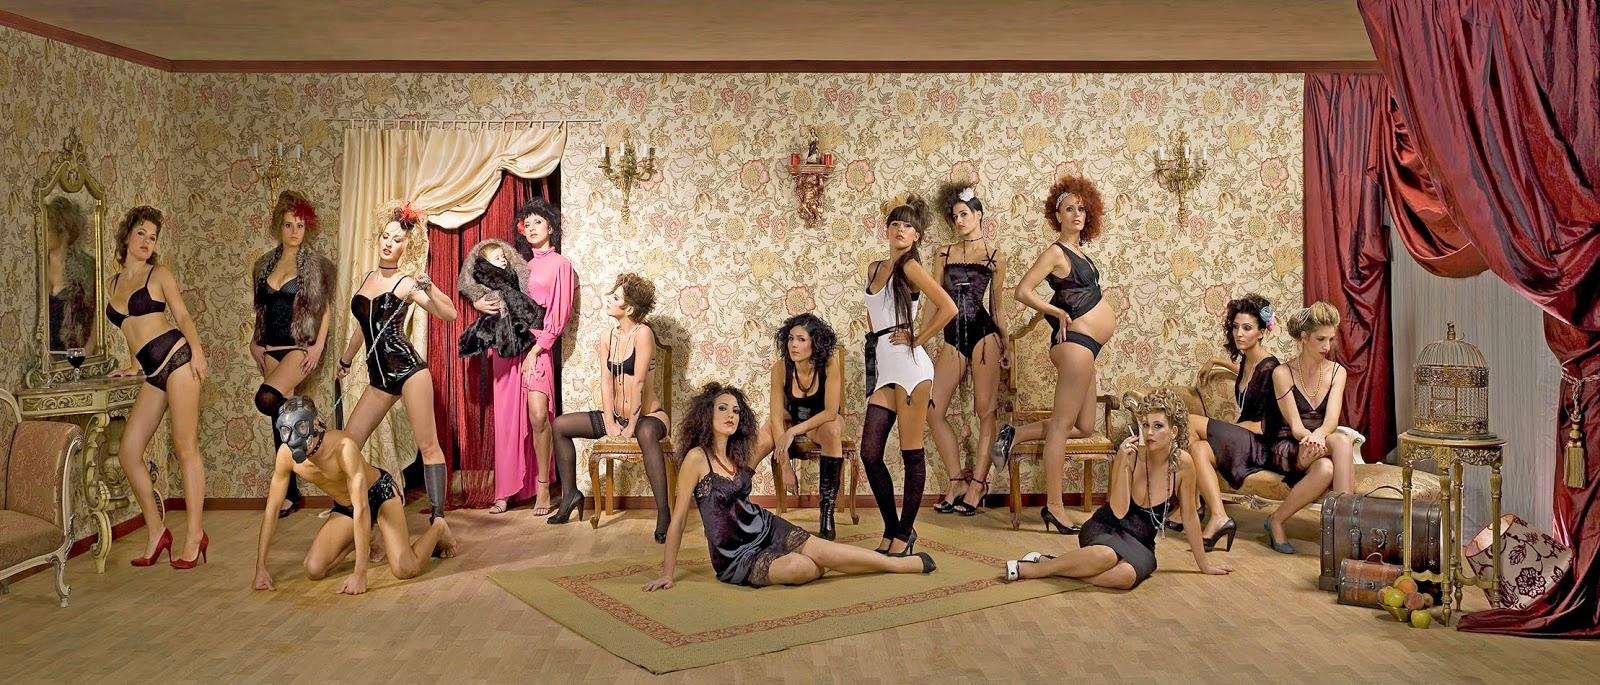 casa de prostitutas prostitutas portugalete